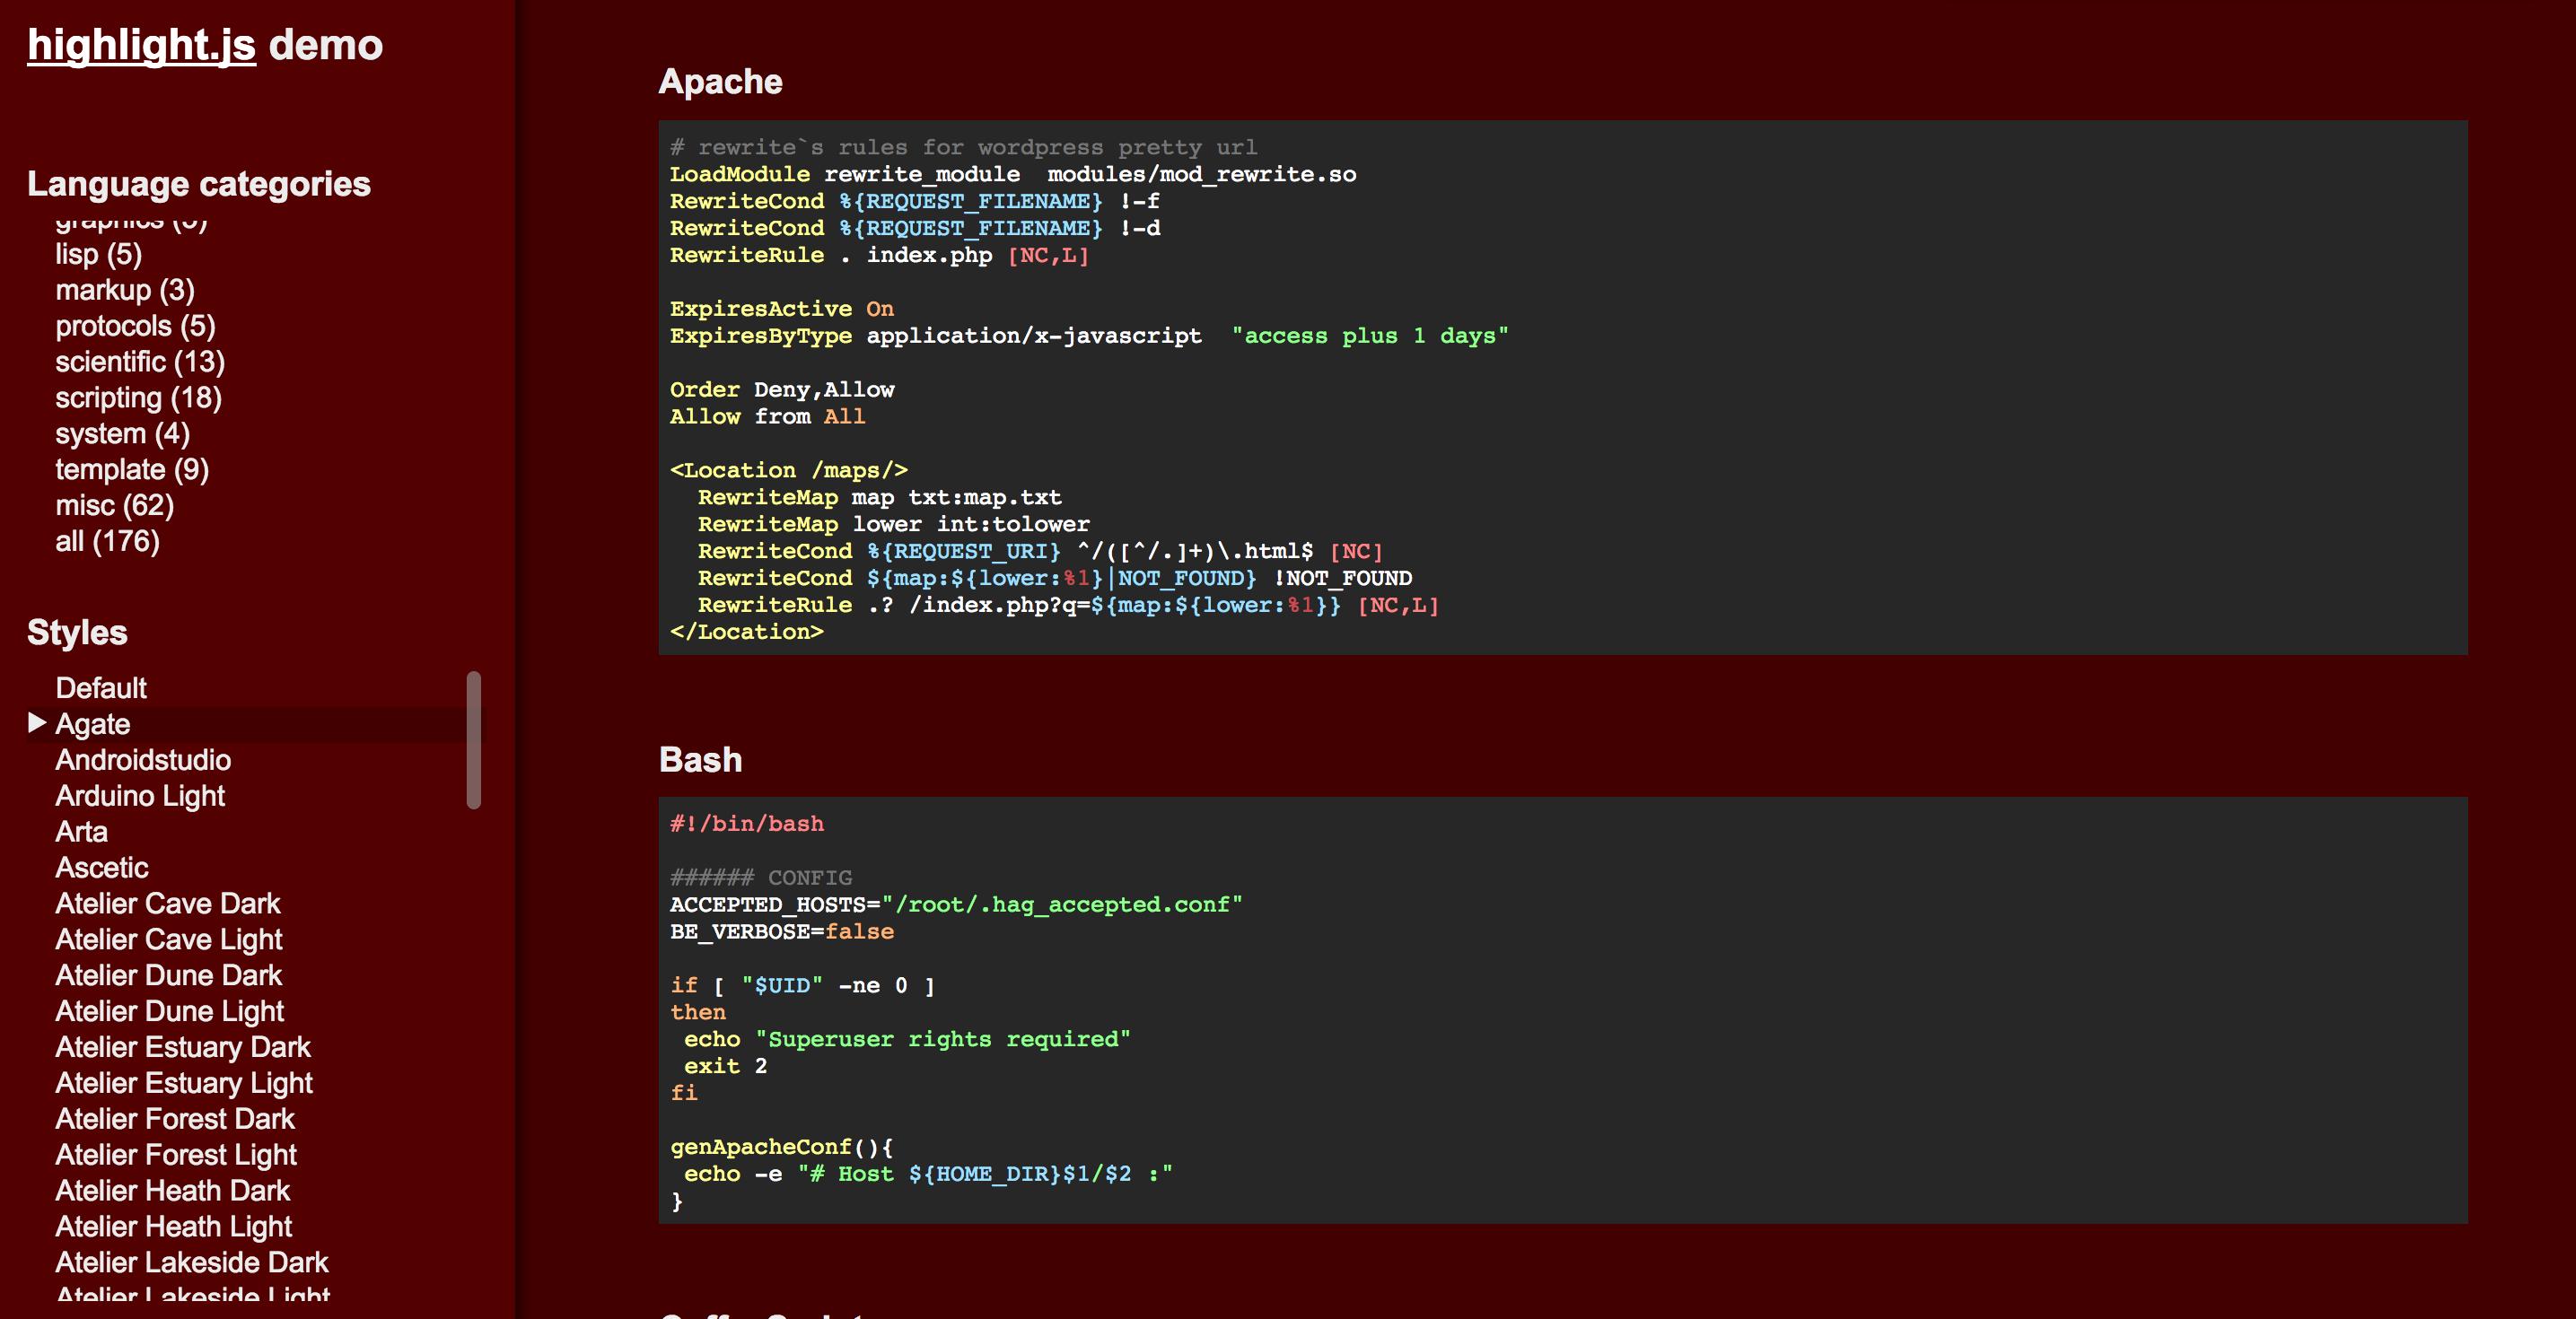 [套件] highlight.js 讓網站顯示好看的程式碼區塊